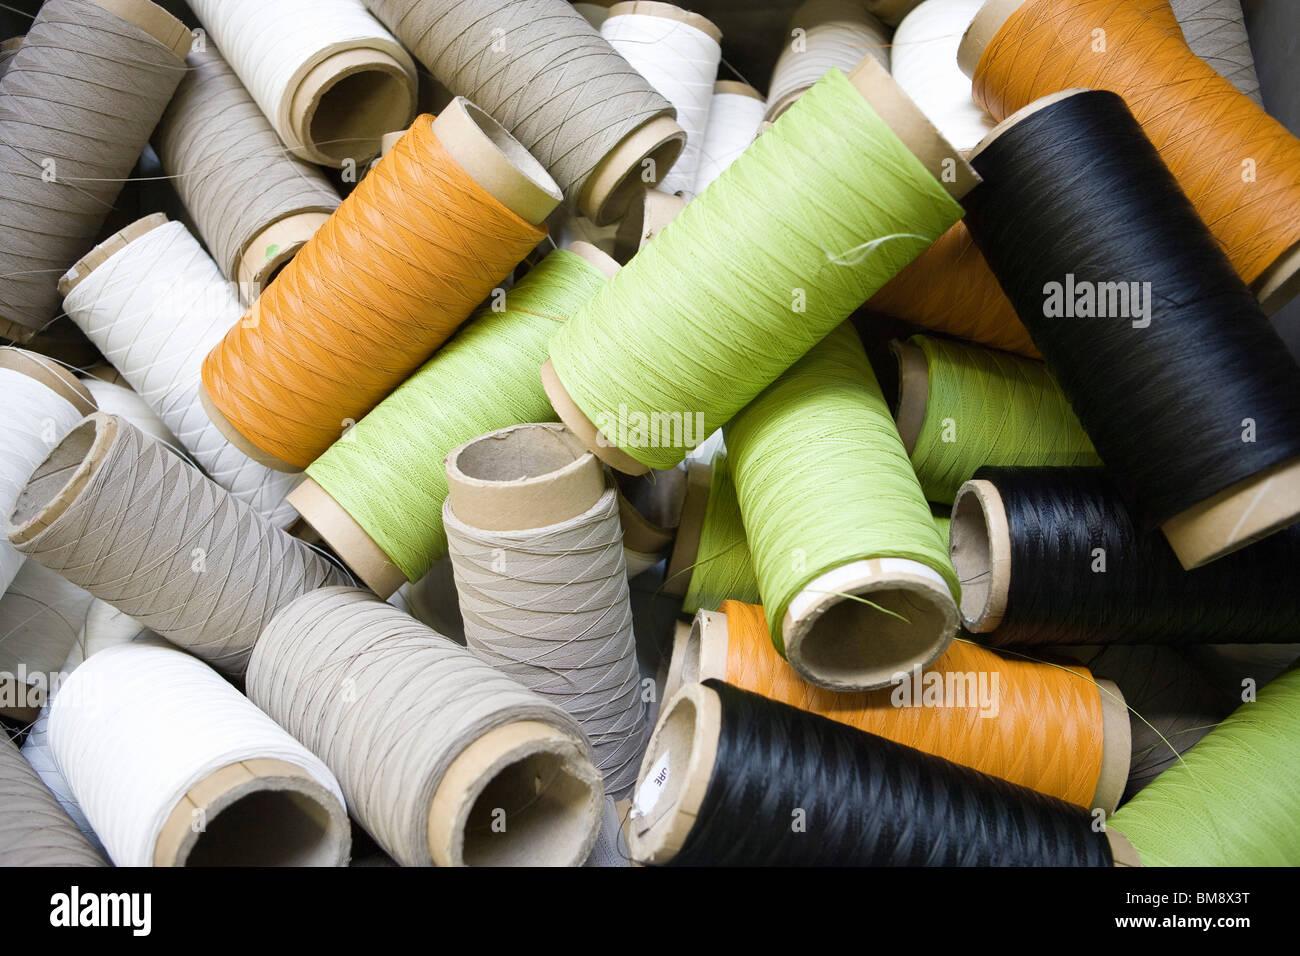 Departamento de fabricação de têxteis compostos recicláveis de fábrica, bobinas de excesso Imagens de Stock